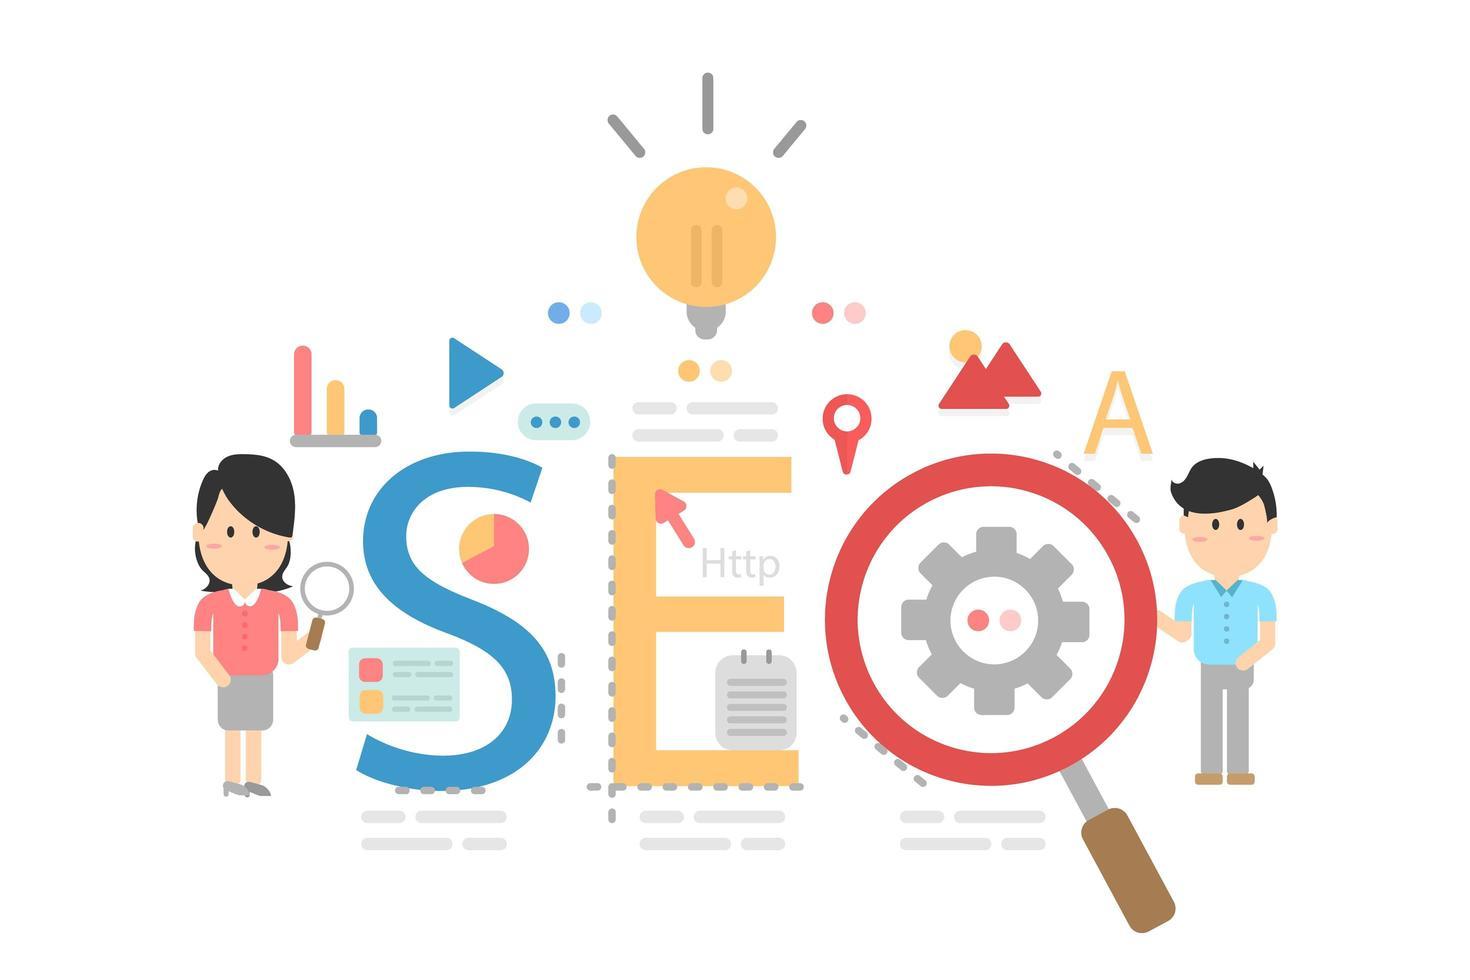 ottimizzazione seo per sito Web e sito Web mobile vettore